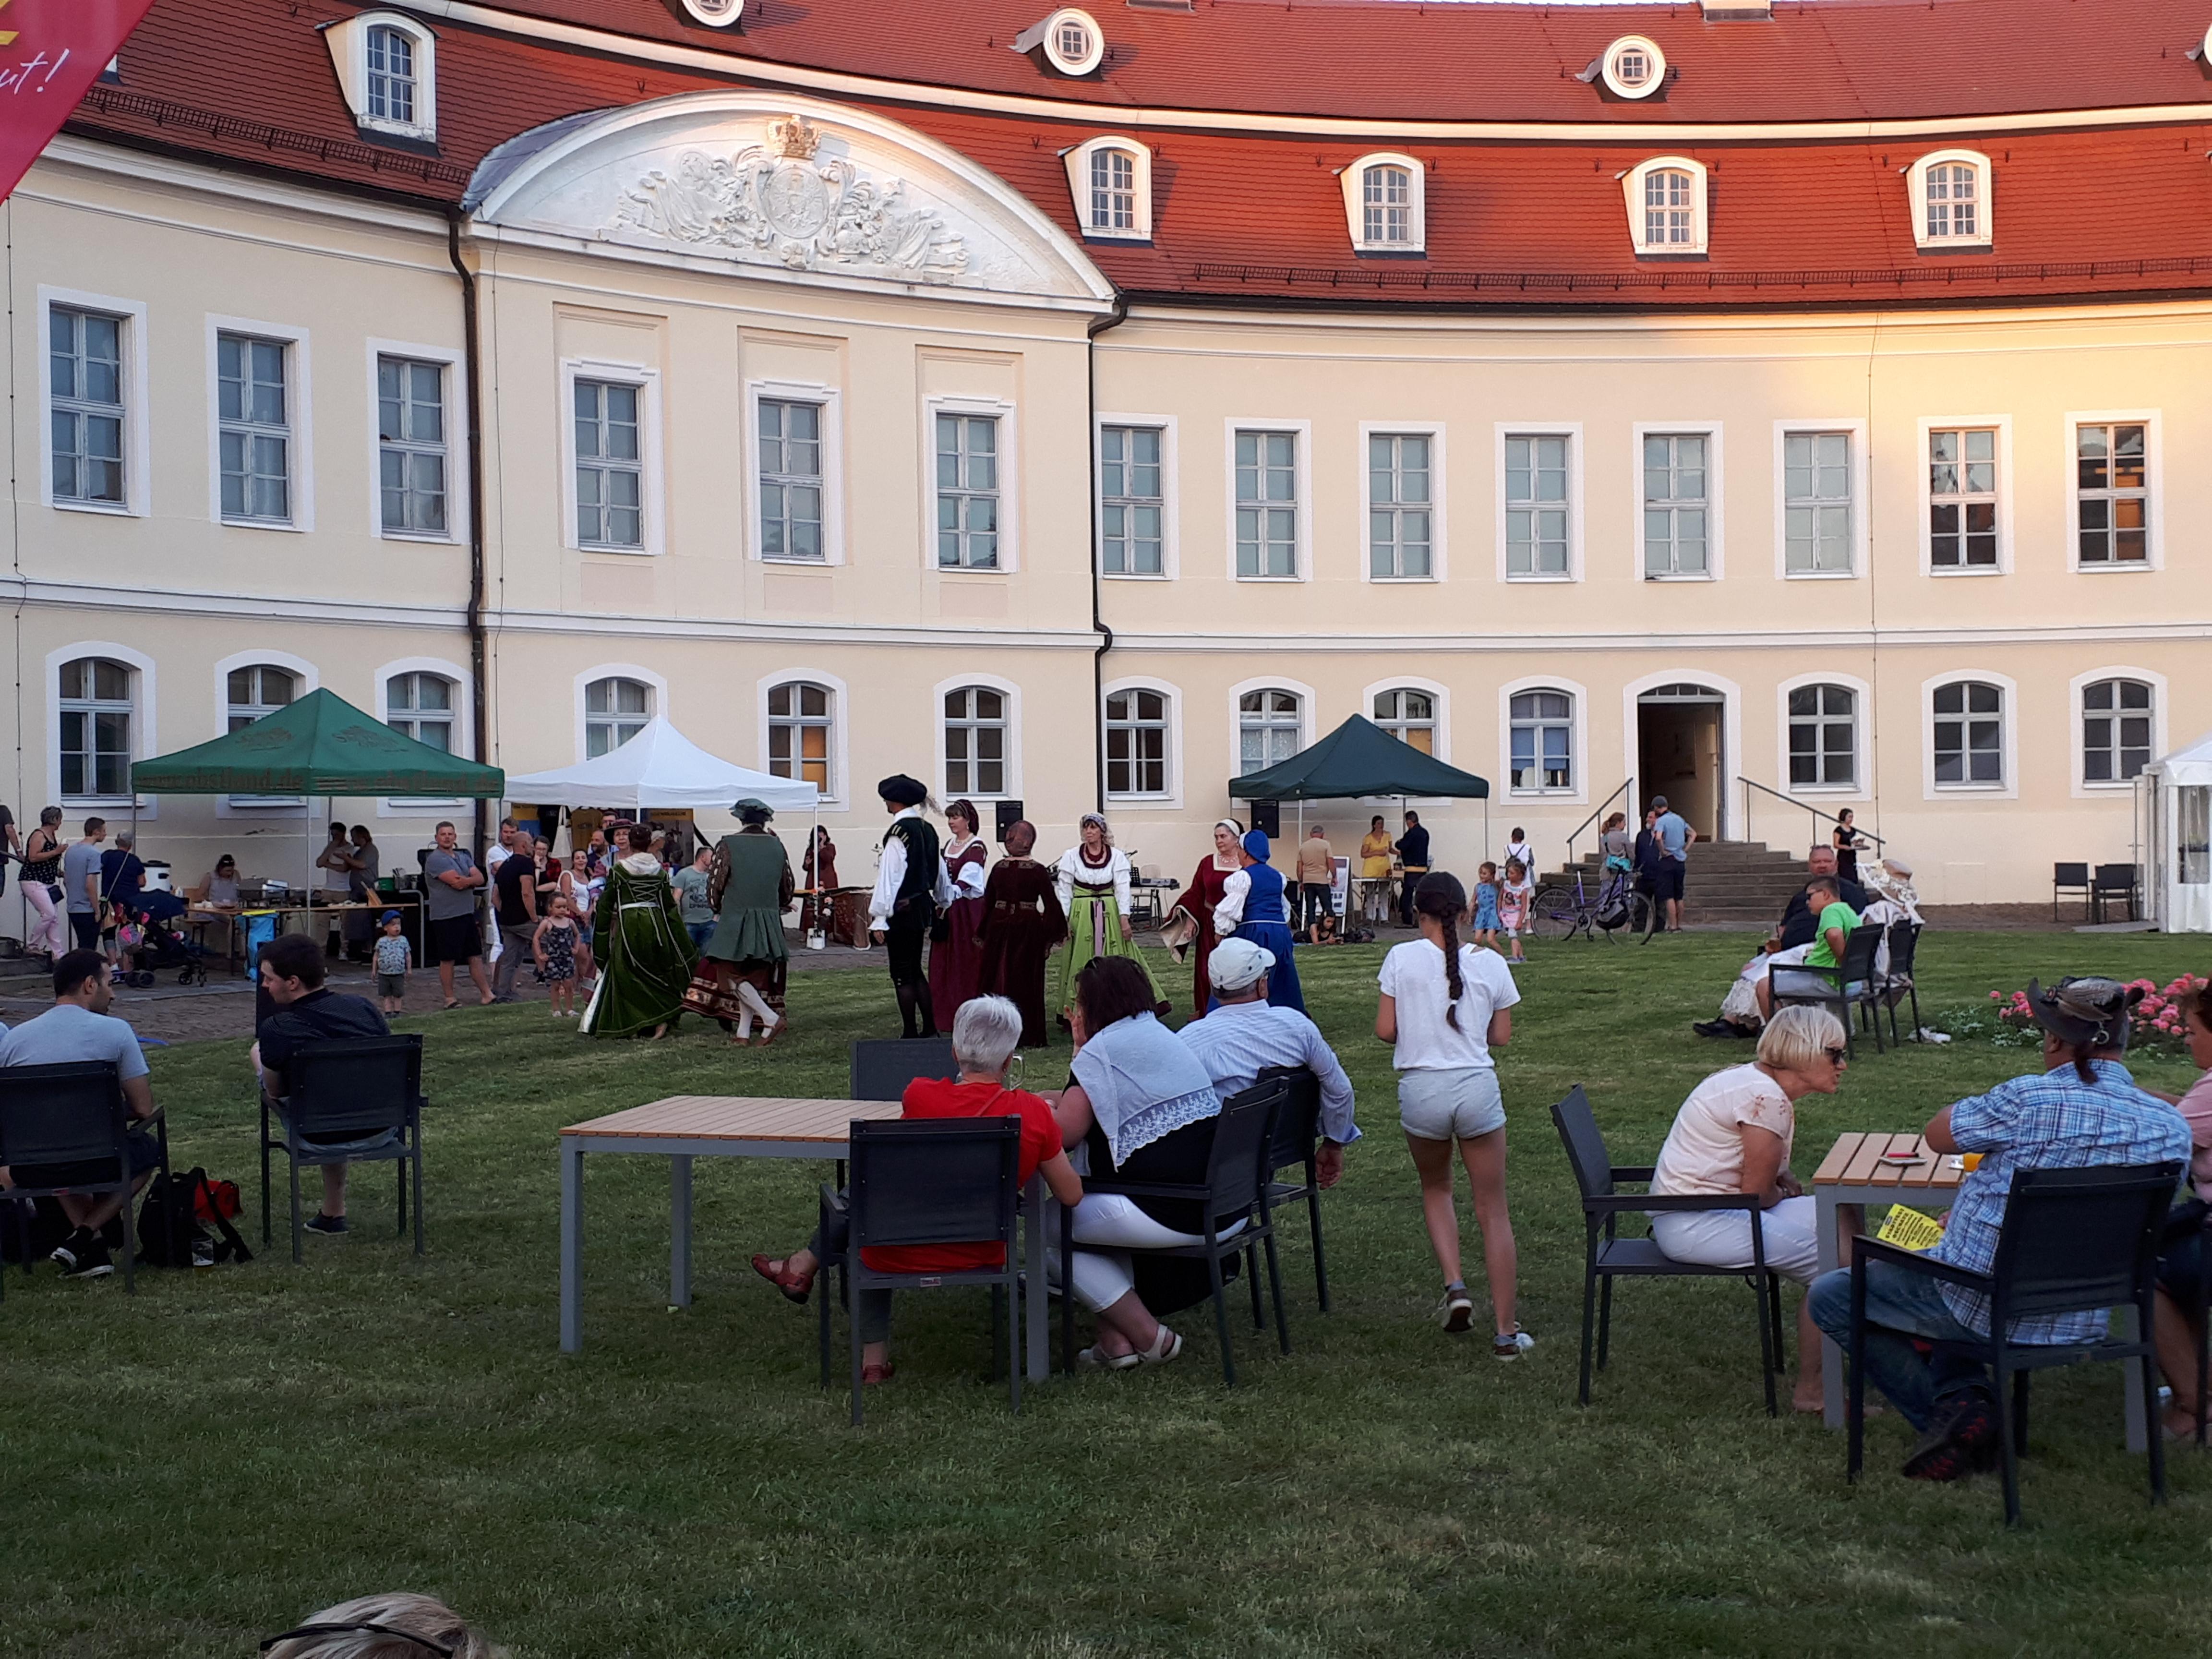 Foto: Schlössernacht in Wermsdorf, Geopark Porphyrland